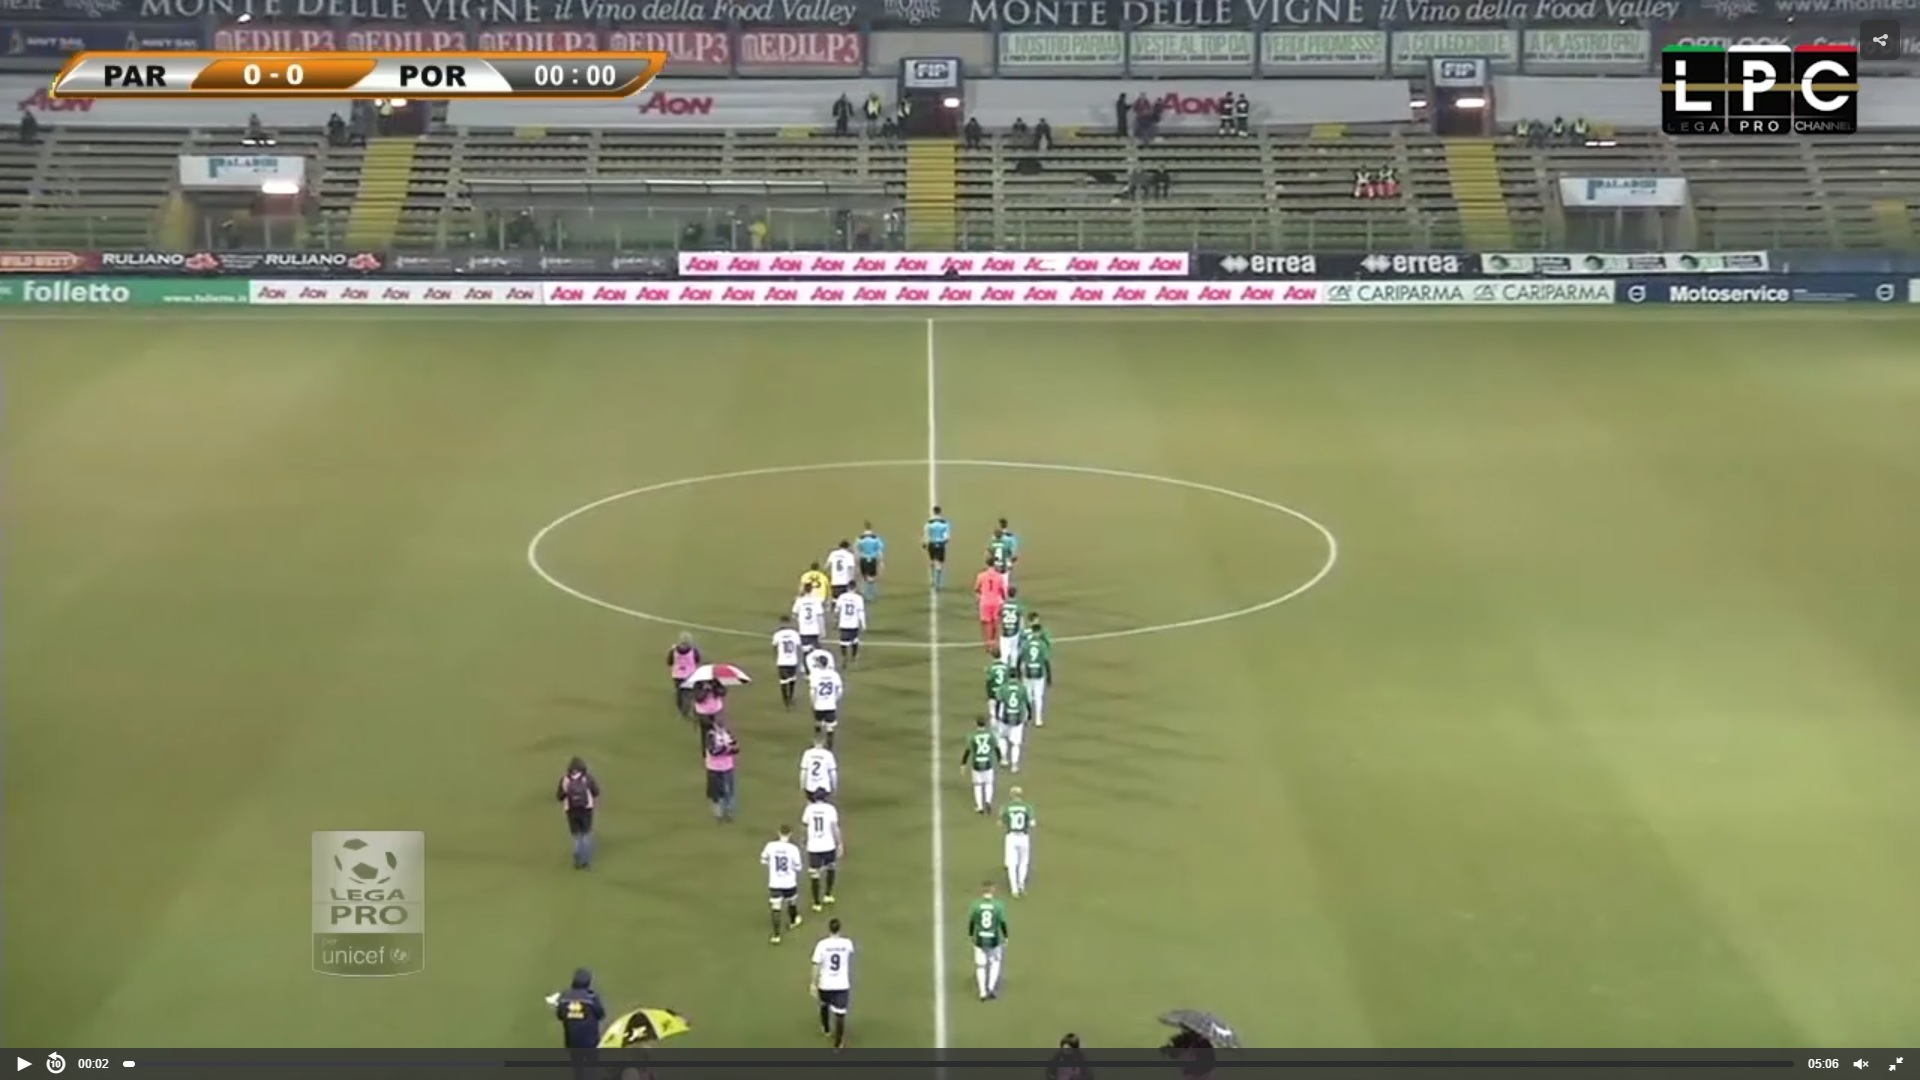 Parma-Südtirol: RaiSport diretta tv, Sportube streaming live. Ecco come vedere la partita